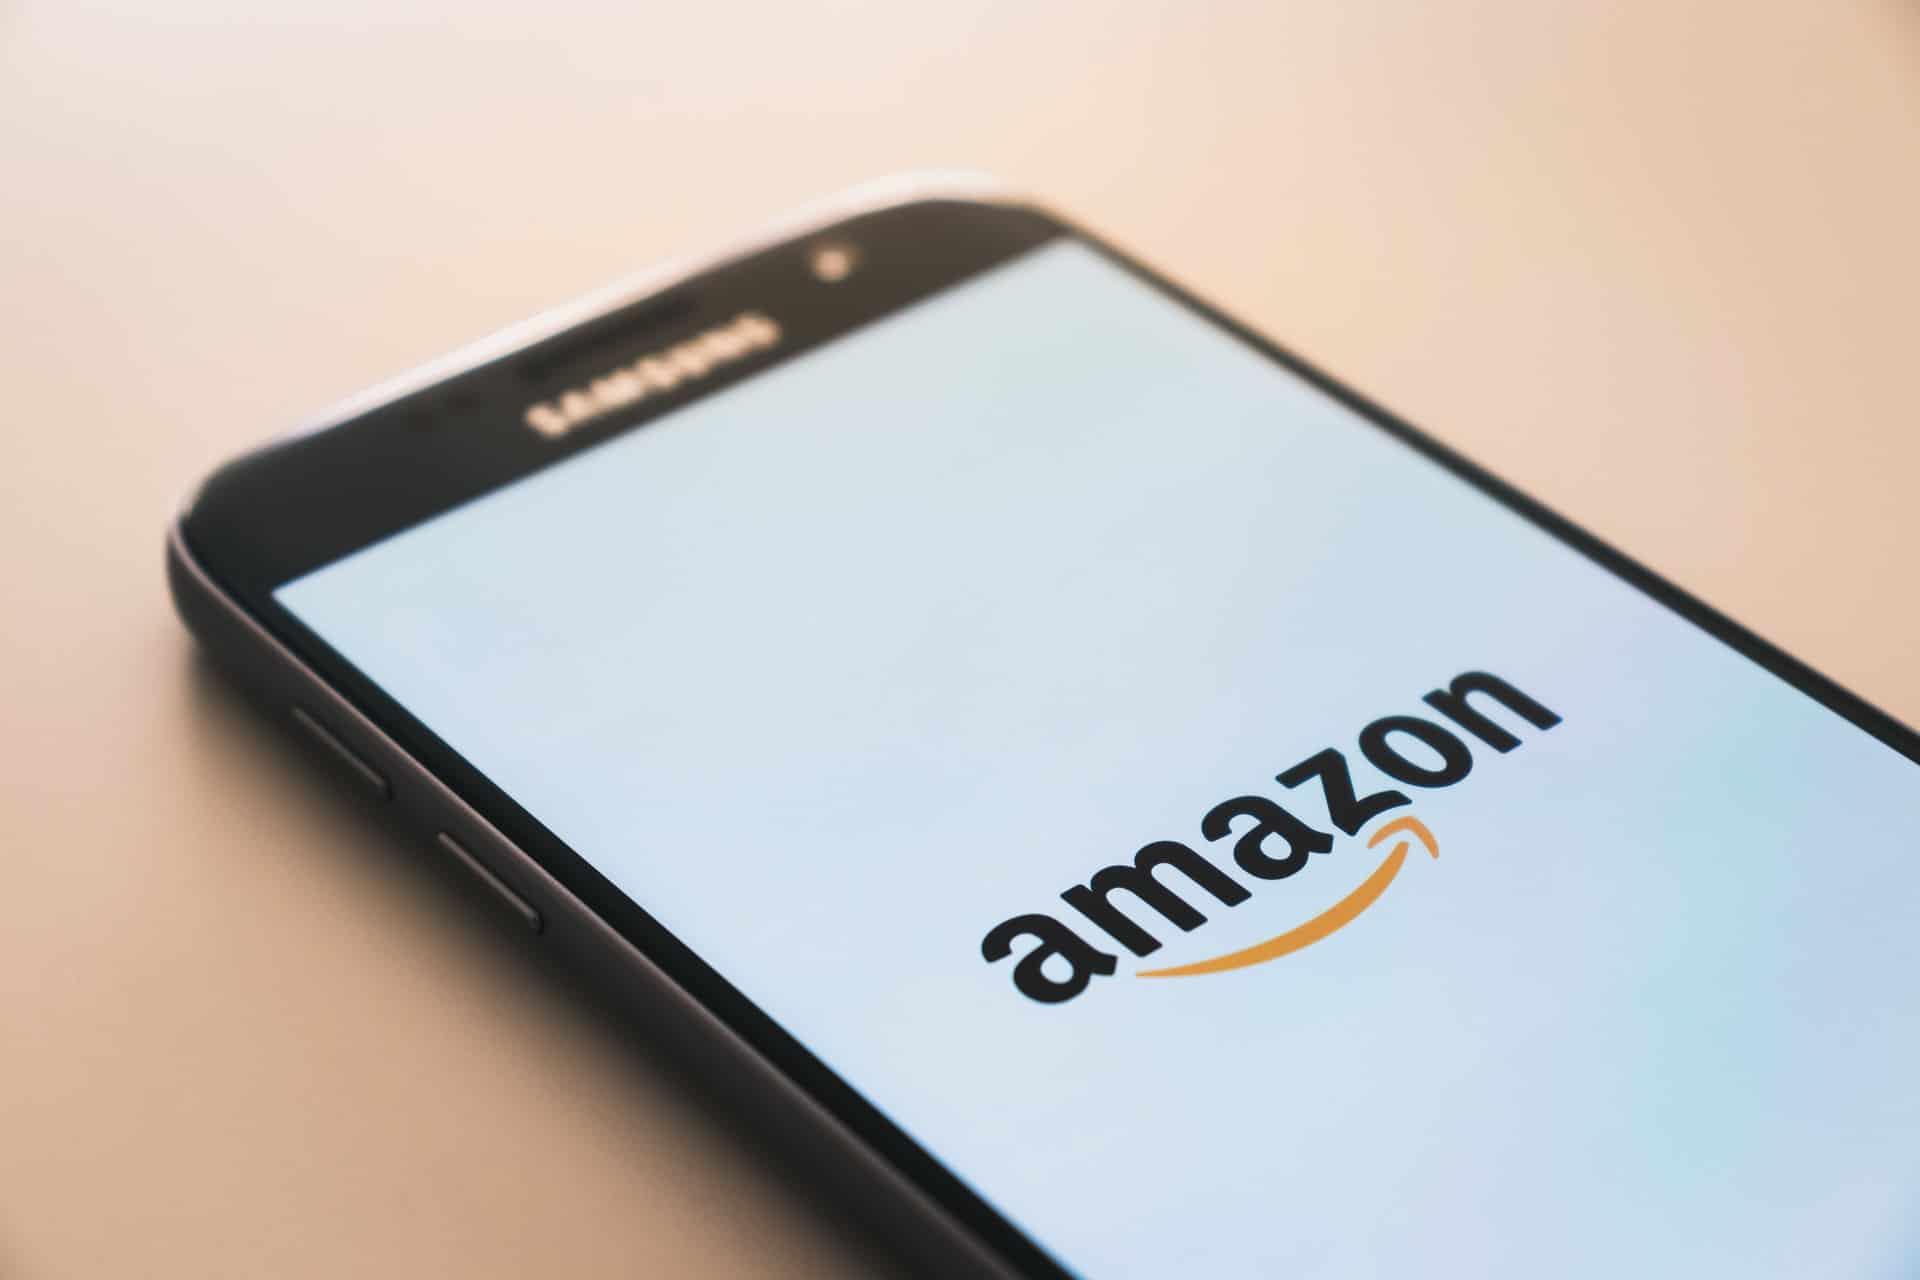 Nación Cannabis | Amazon será una compañía procannabis